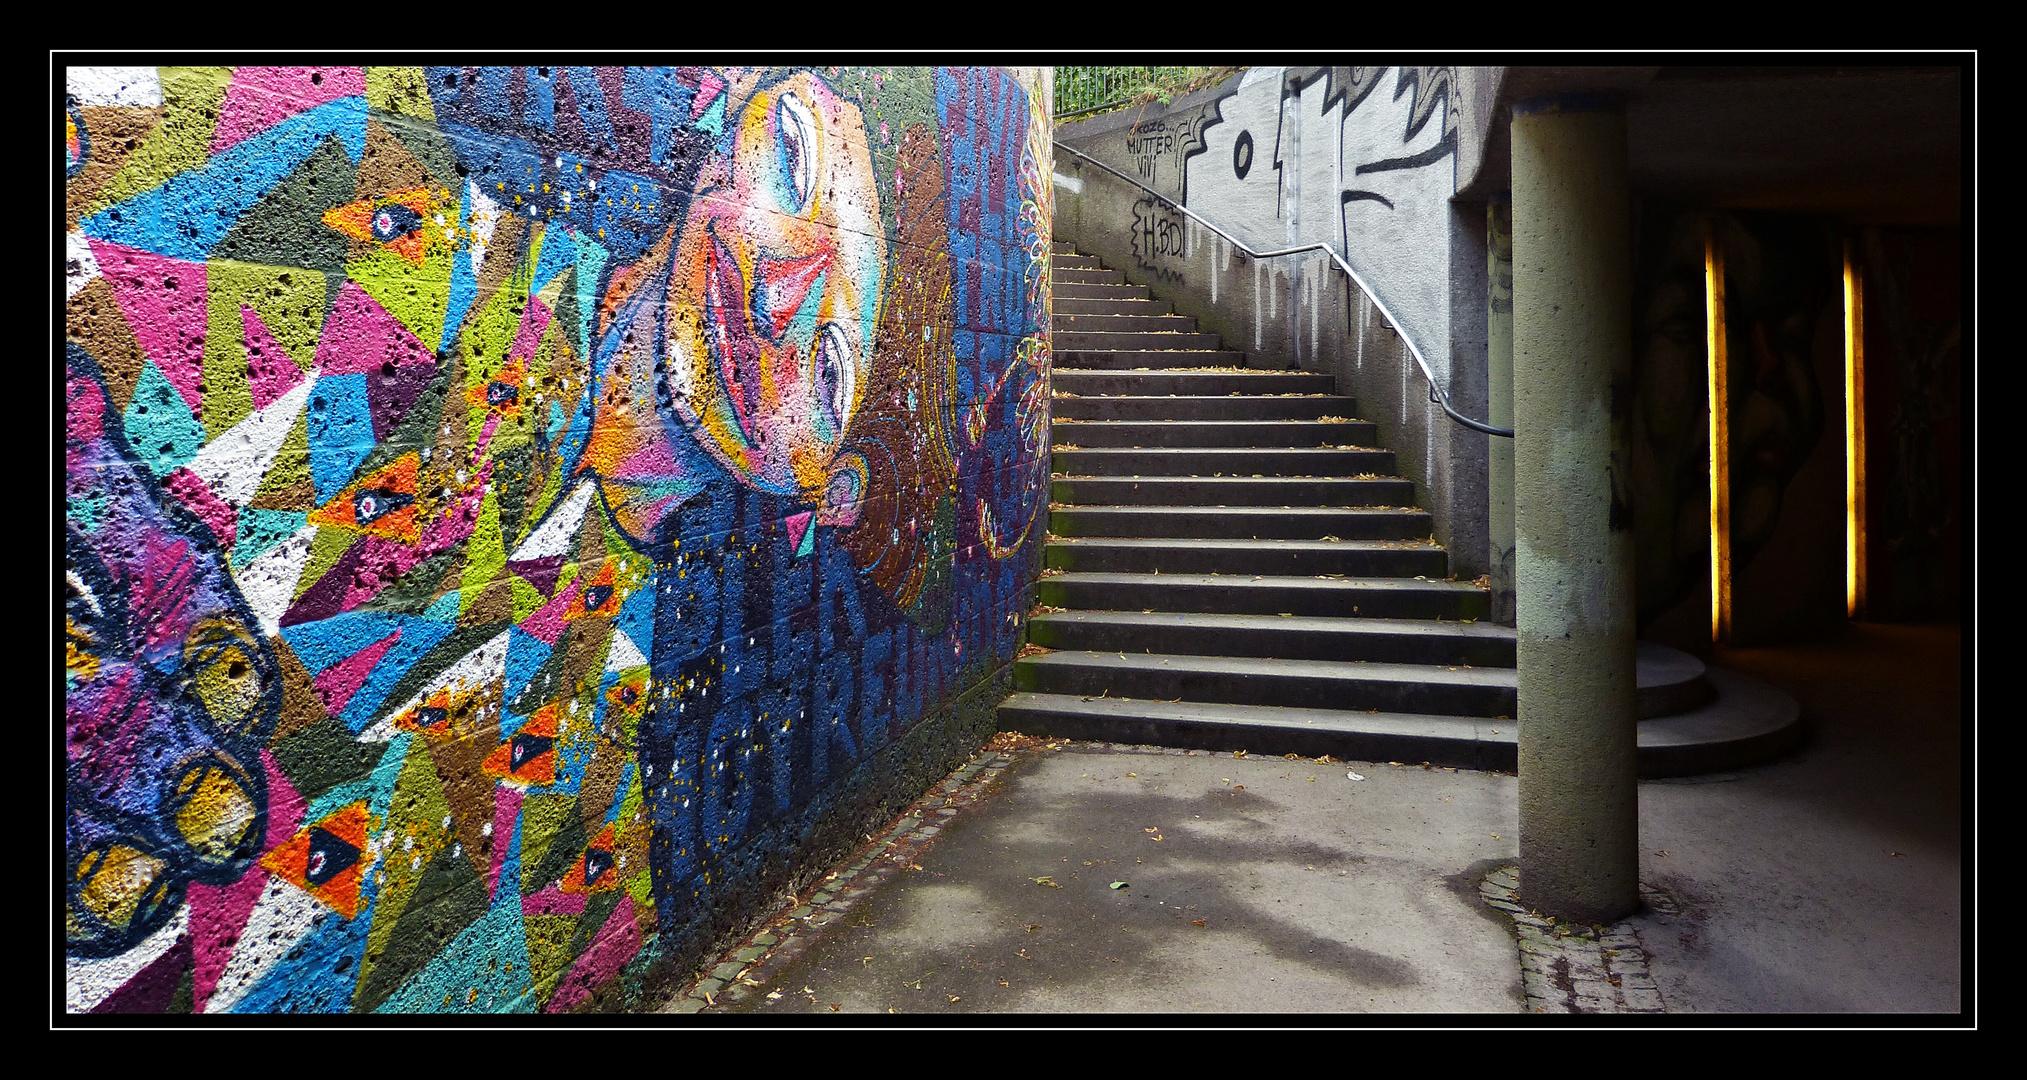 München - unter dem Friedensengel (2)